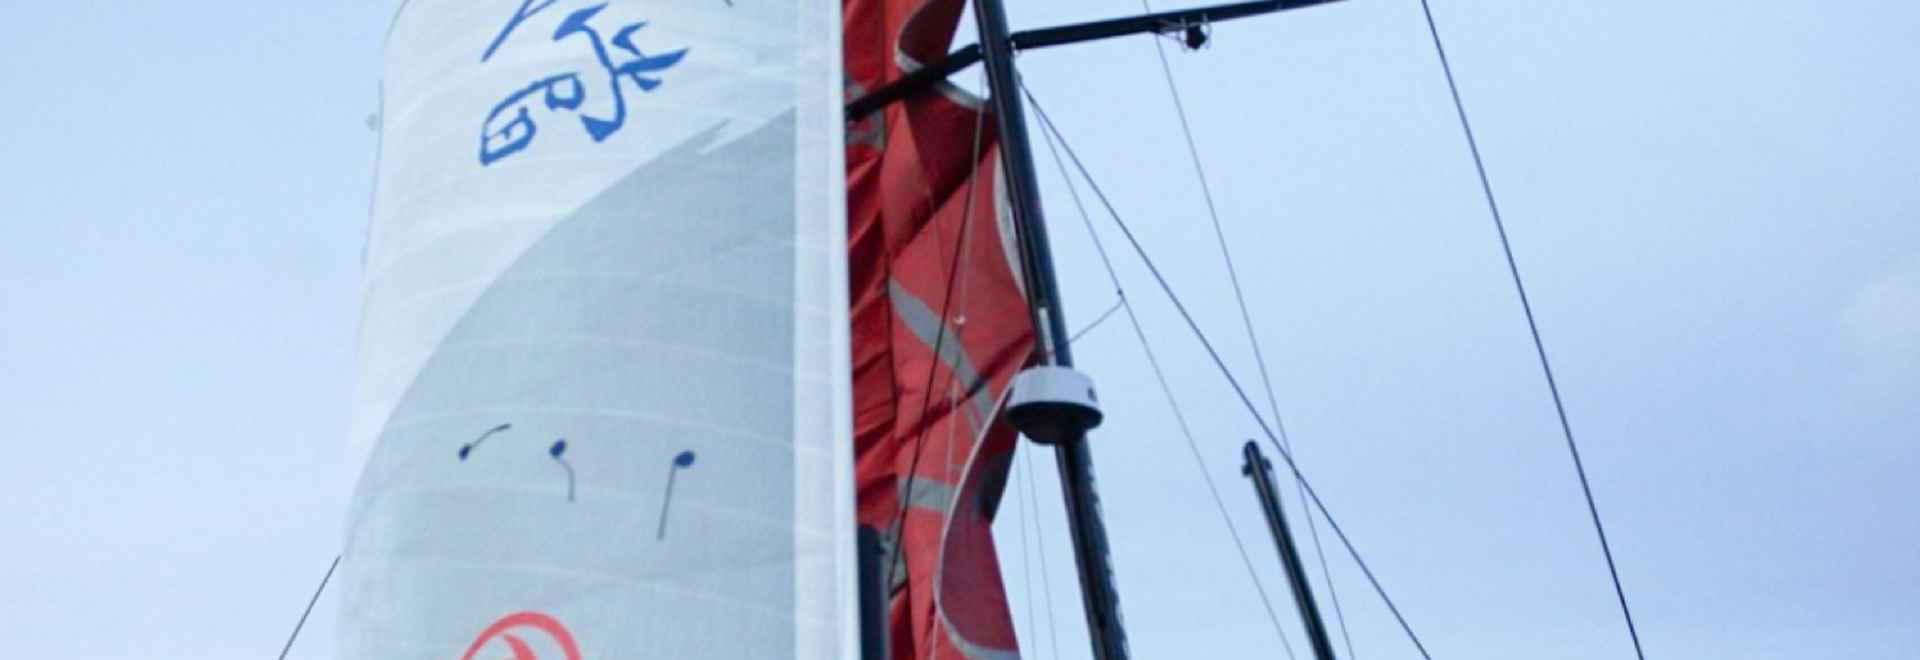 L'incident s'est produit 240 milles marins à l'ouest de klaxon de cap à UTC 0315 lundi, dans les heures finales de la nuit à bord de Dongfeng.